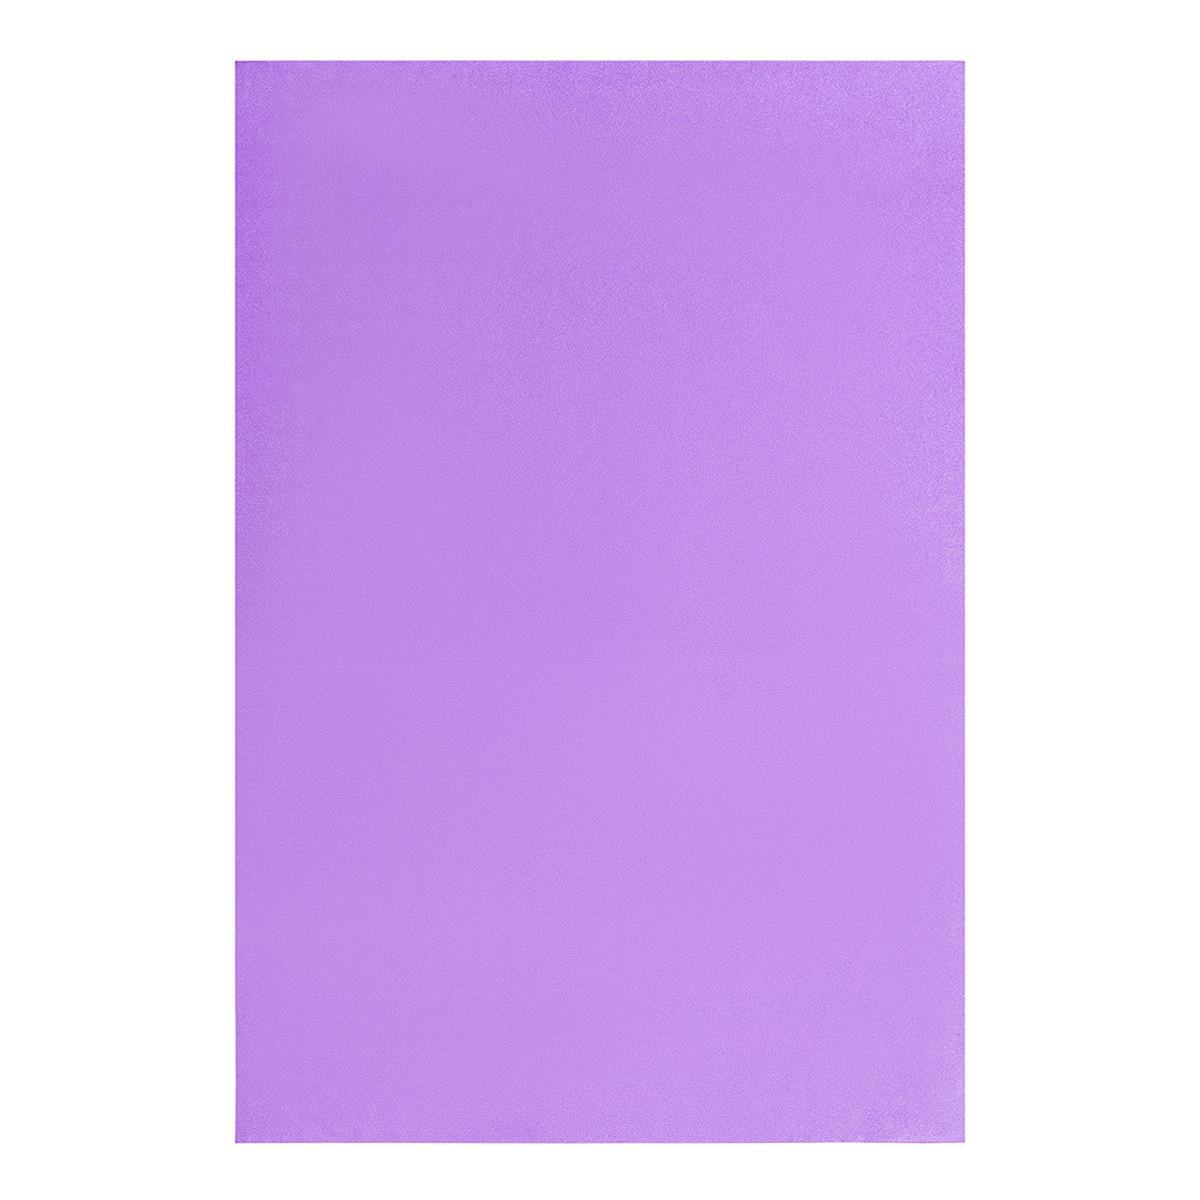 Фоамиран ЭВА фиолетовый, 200*300 мм, толщина 1,7 мм, 10 листов